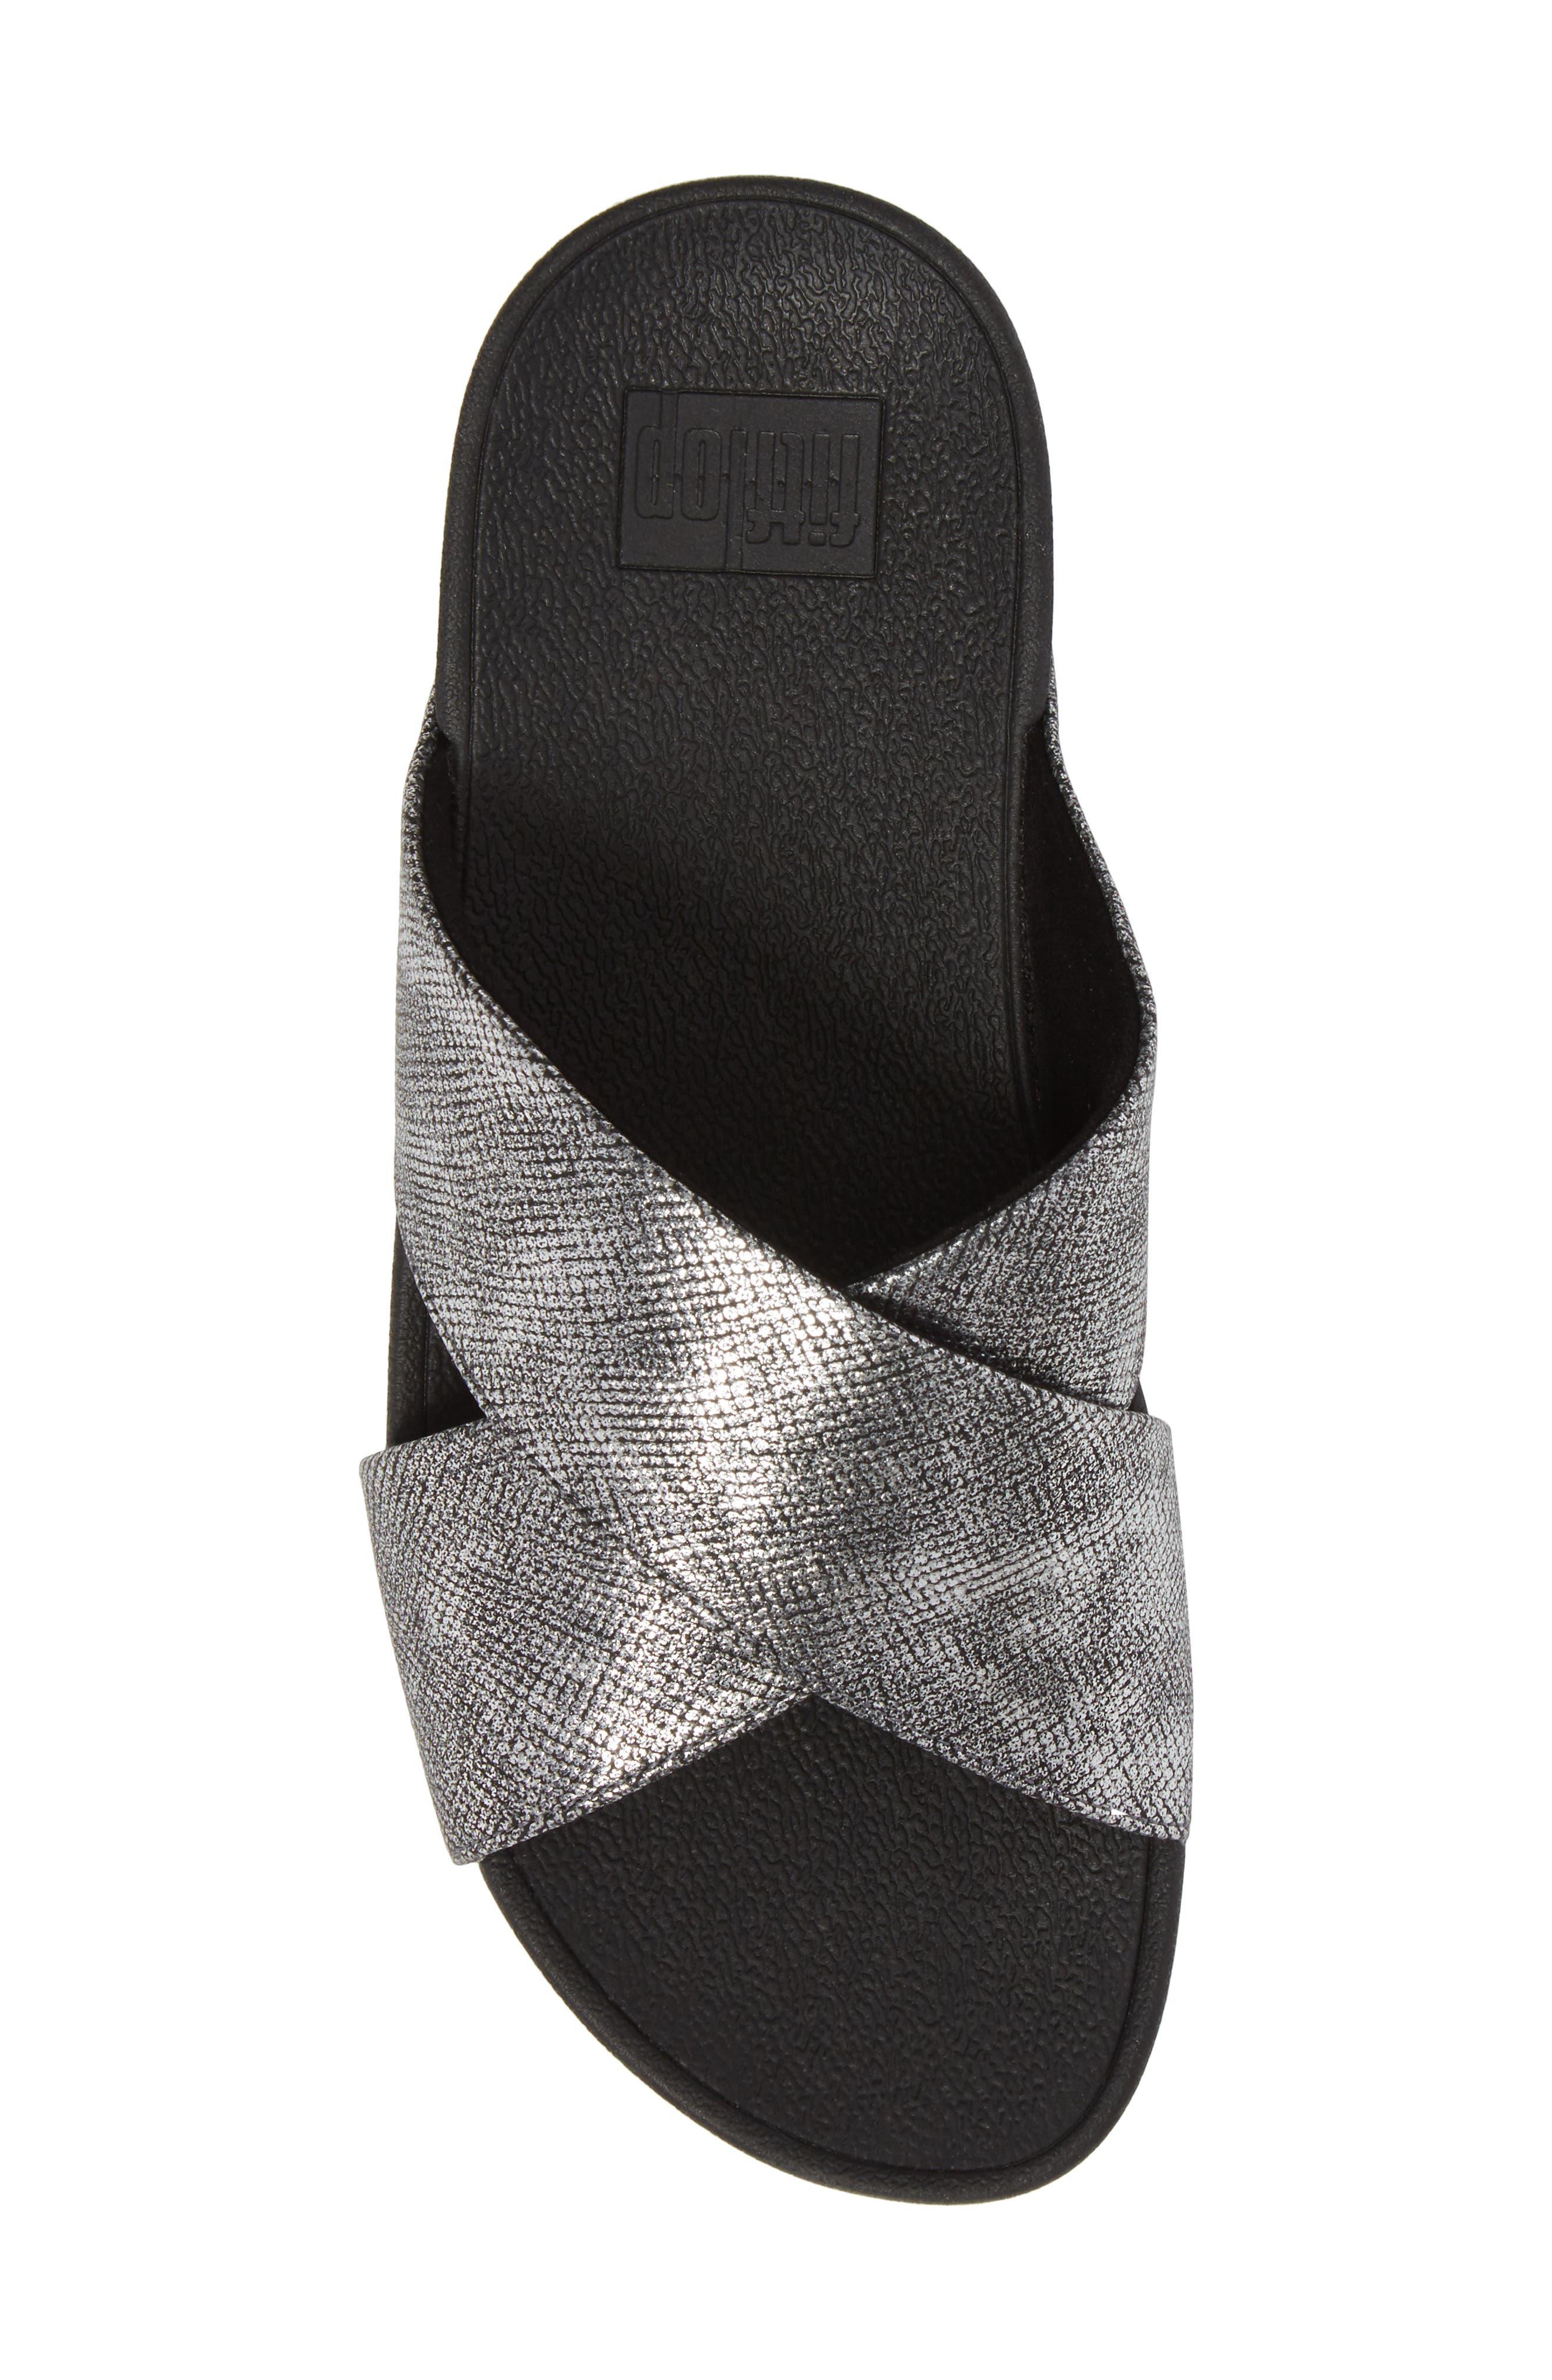 Lulu Cross Slide Sandal,                             Alternate thumbnail 5, color,                             BLACK SHIMMER PRINT